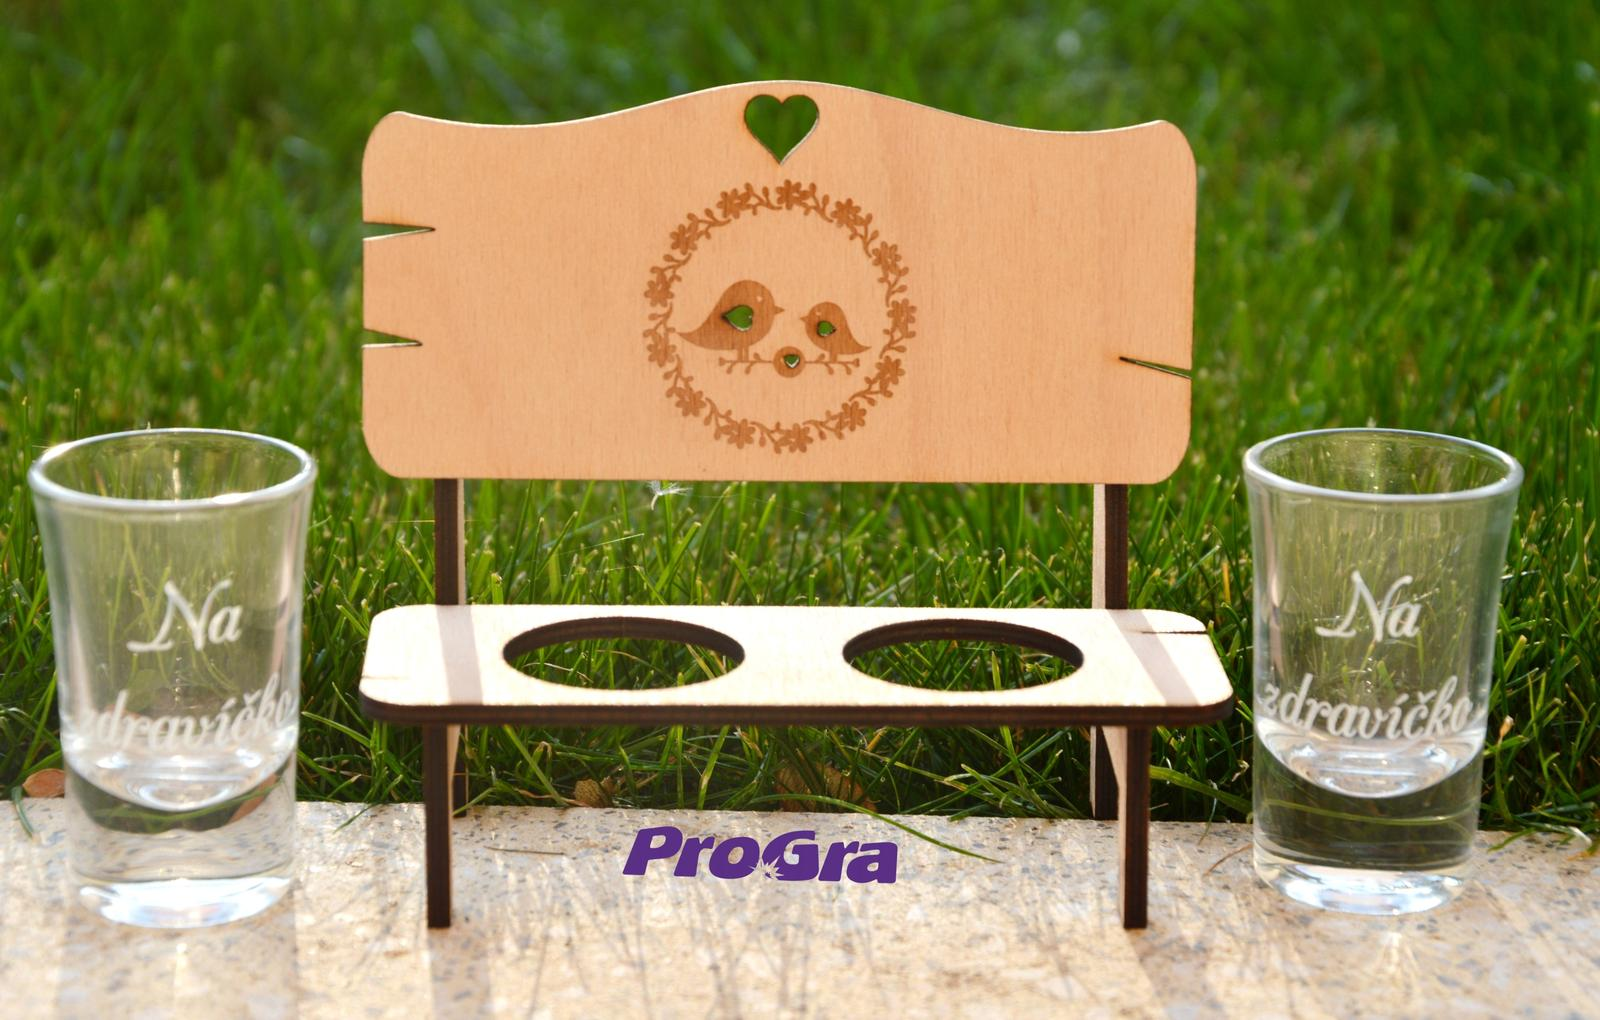 Vtáčiky - lavička so štamprlíčkami - darčekový set - Obrázok č. 3